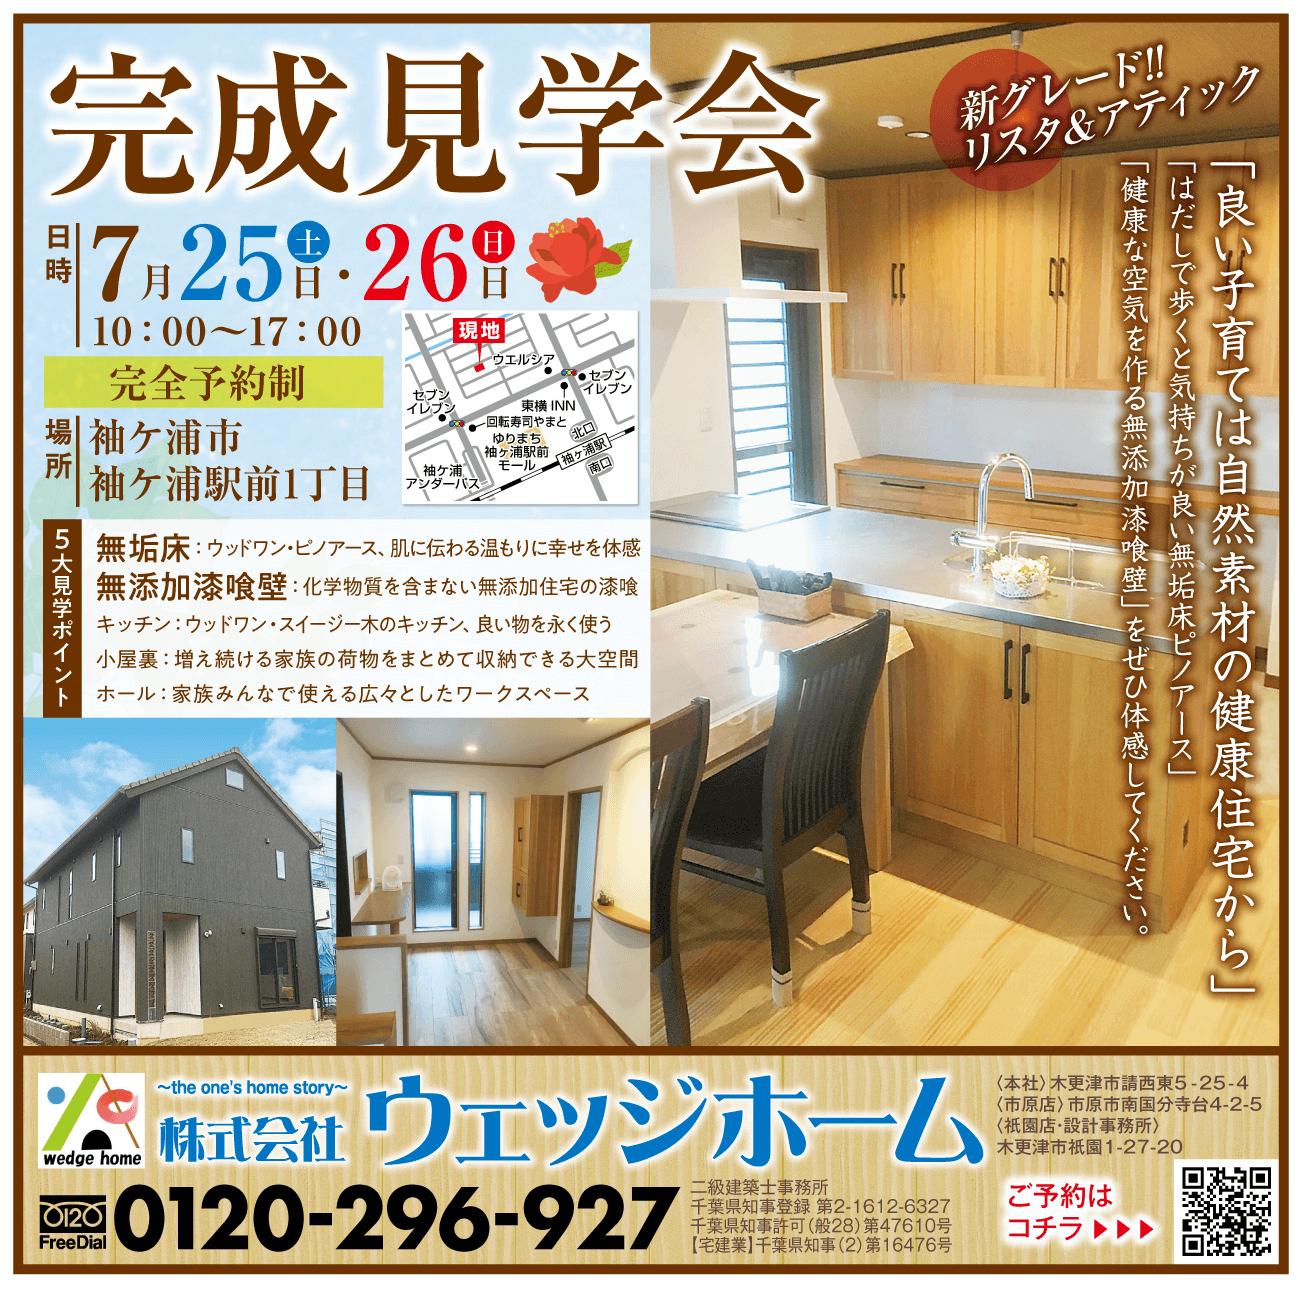 ウェッジホームのモデルハウス完成見学会(千葉県袖ケ浦市)